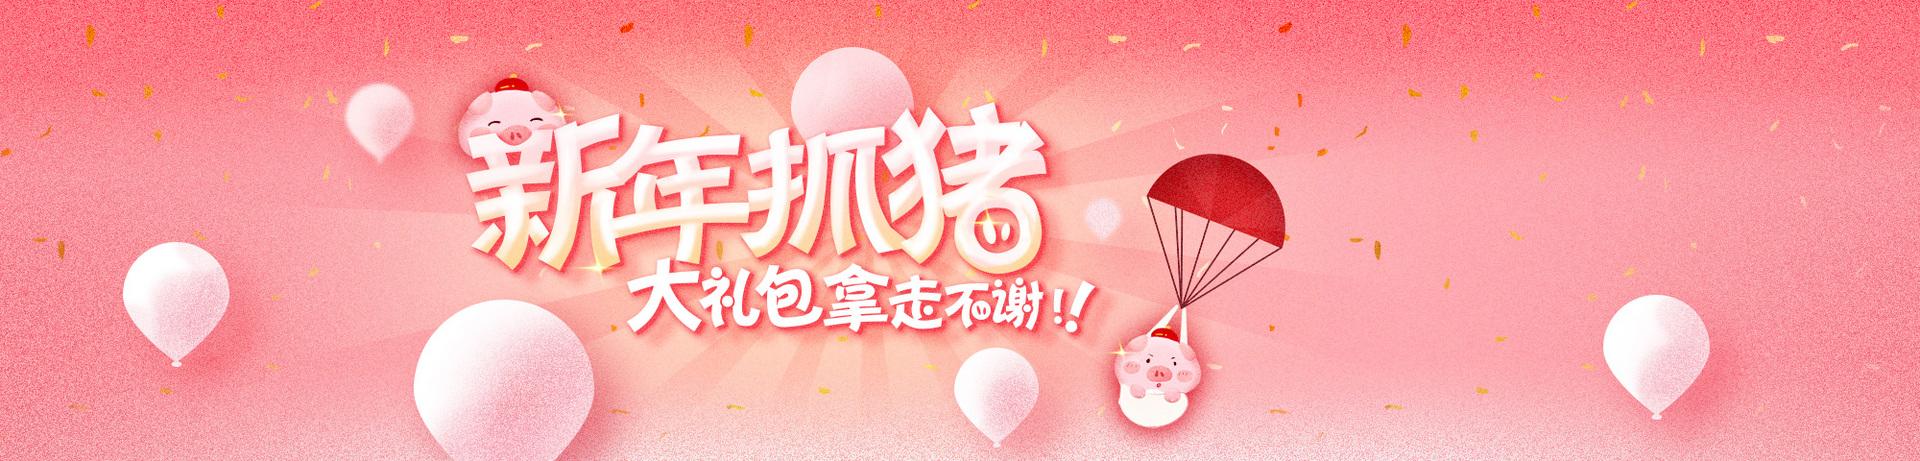 [活动]组队抓猪迎新年